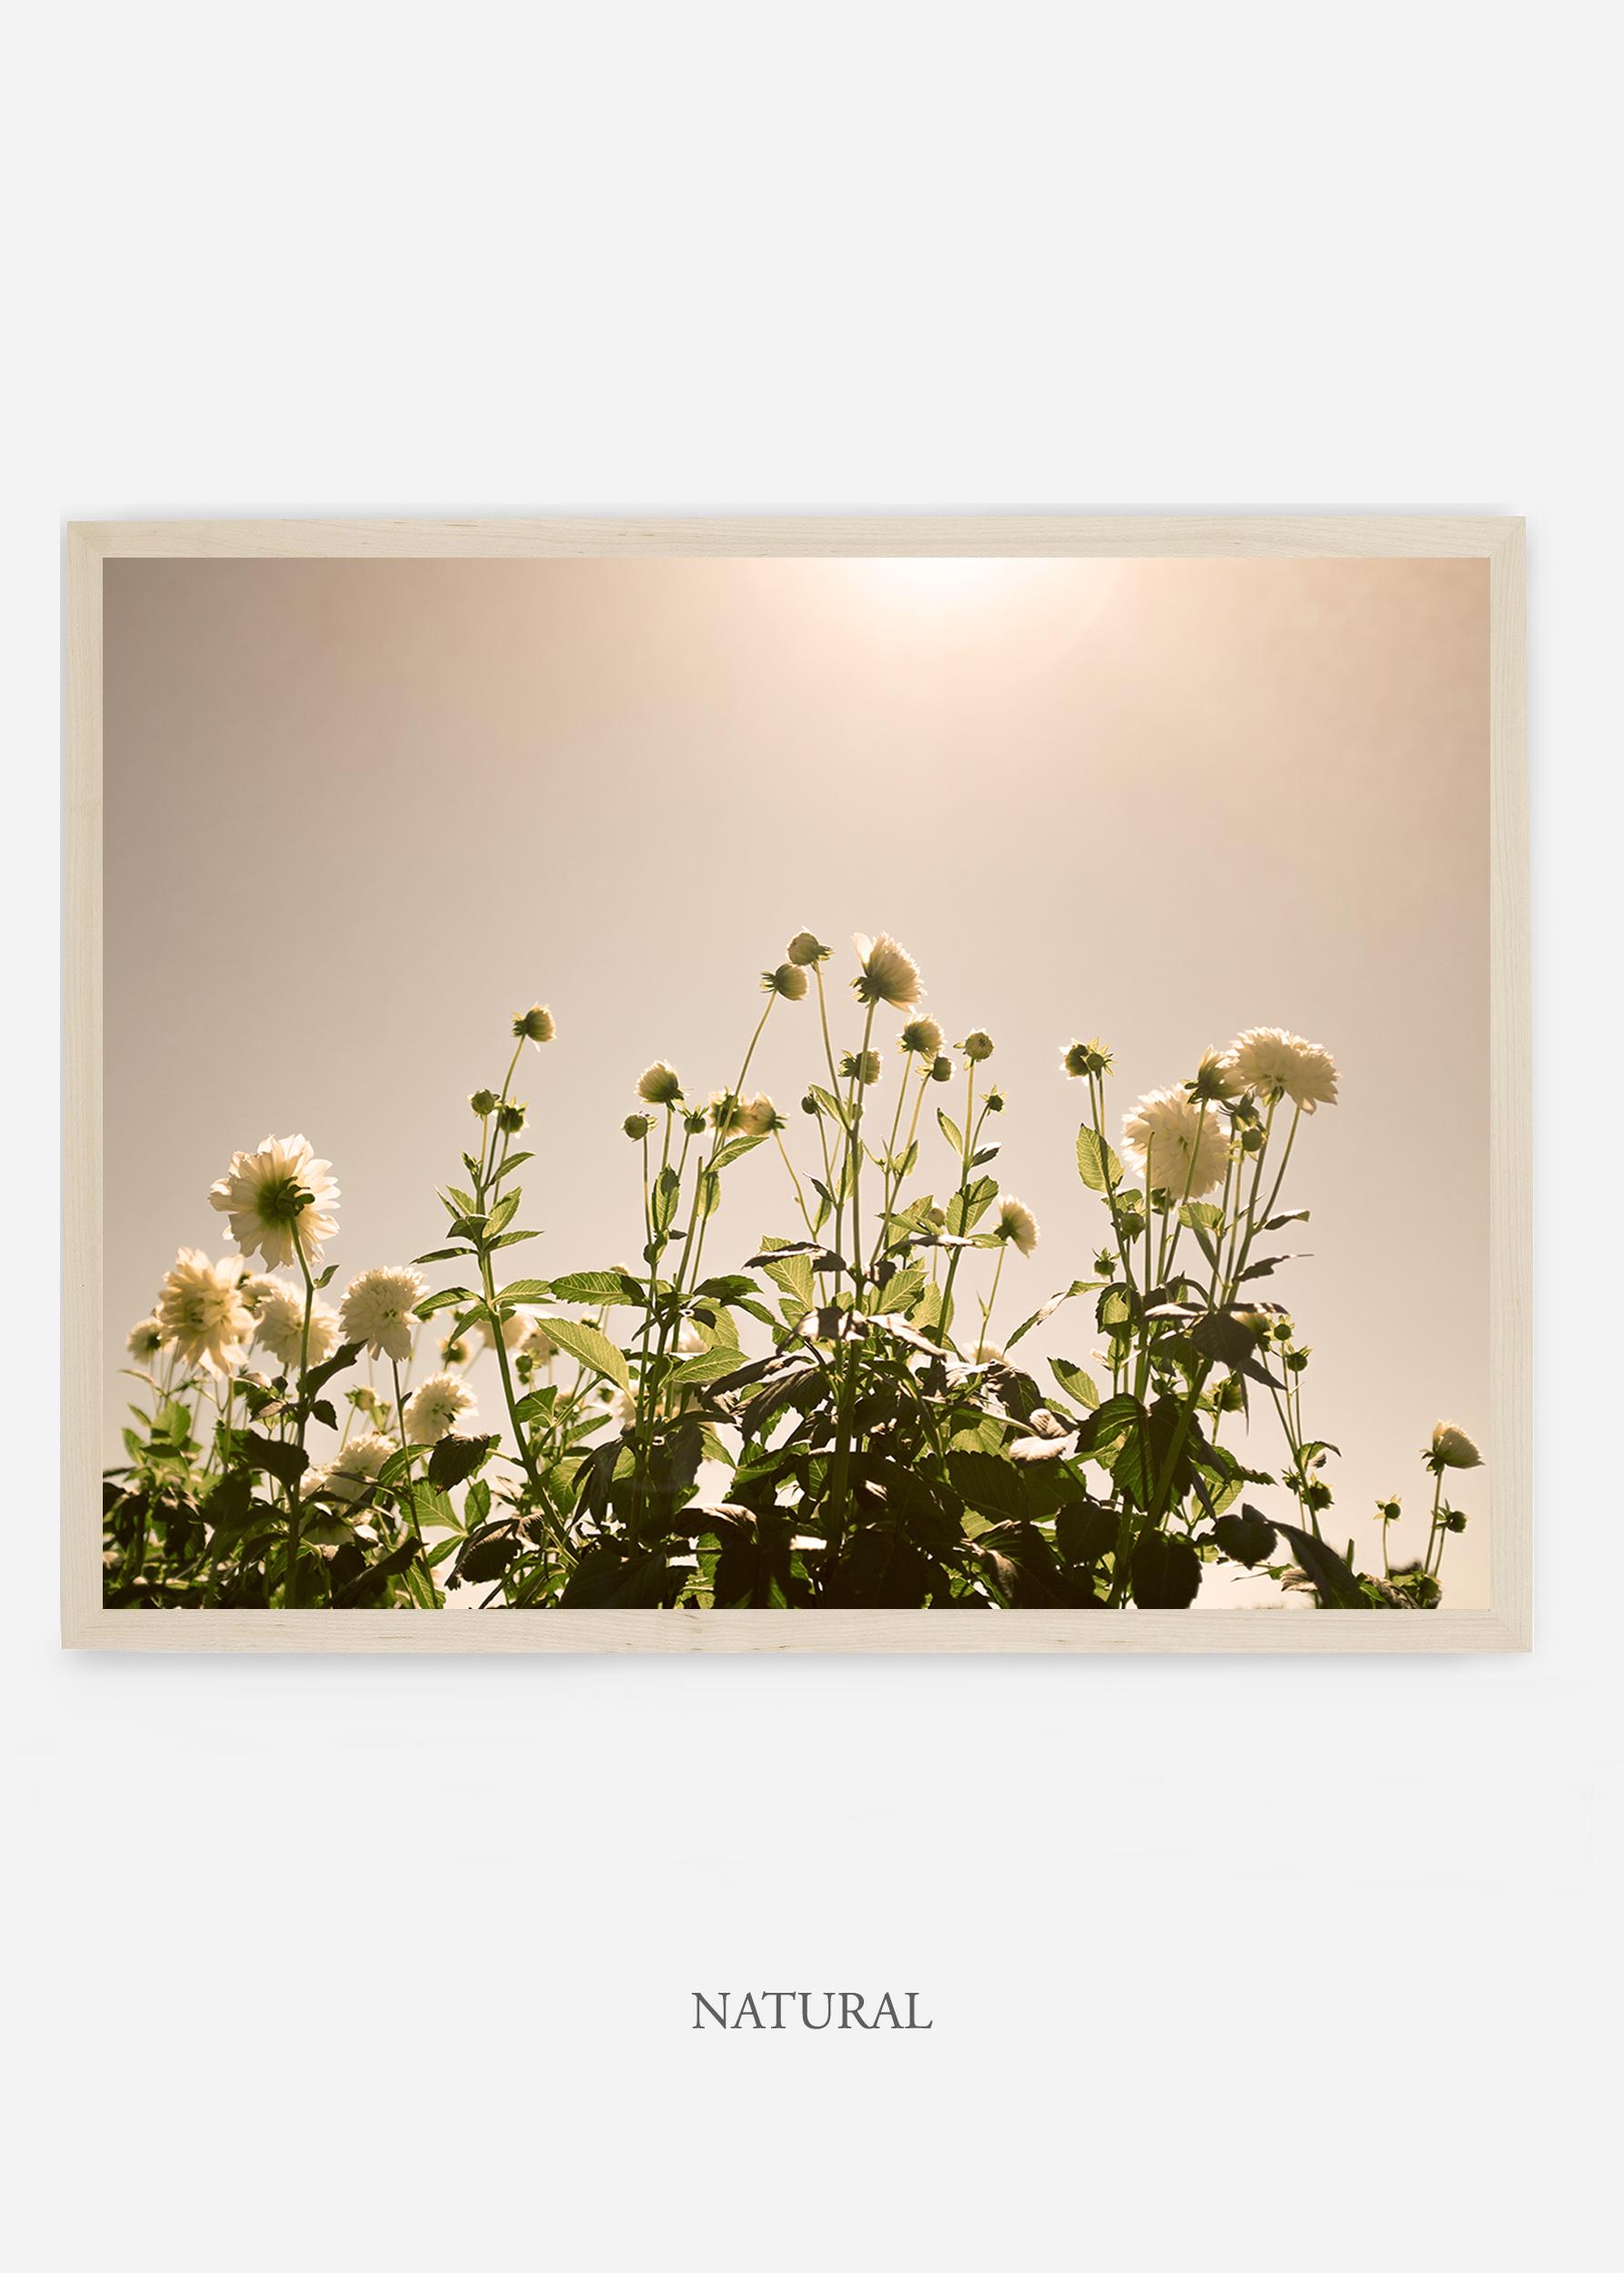 NoMat-Natural-Frame-DahliaNo.7-Wilder-California-Art-Floral-Home-decor-Prints-Dahlia-Botanical-Artwork-Interior-design.jpg